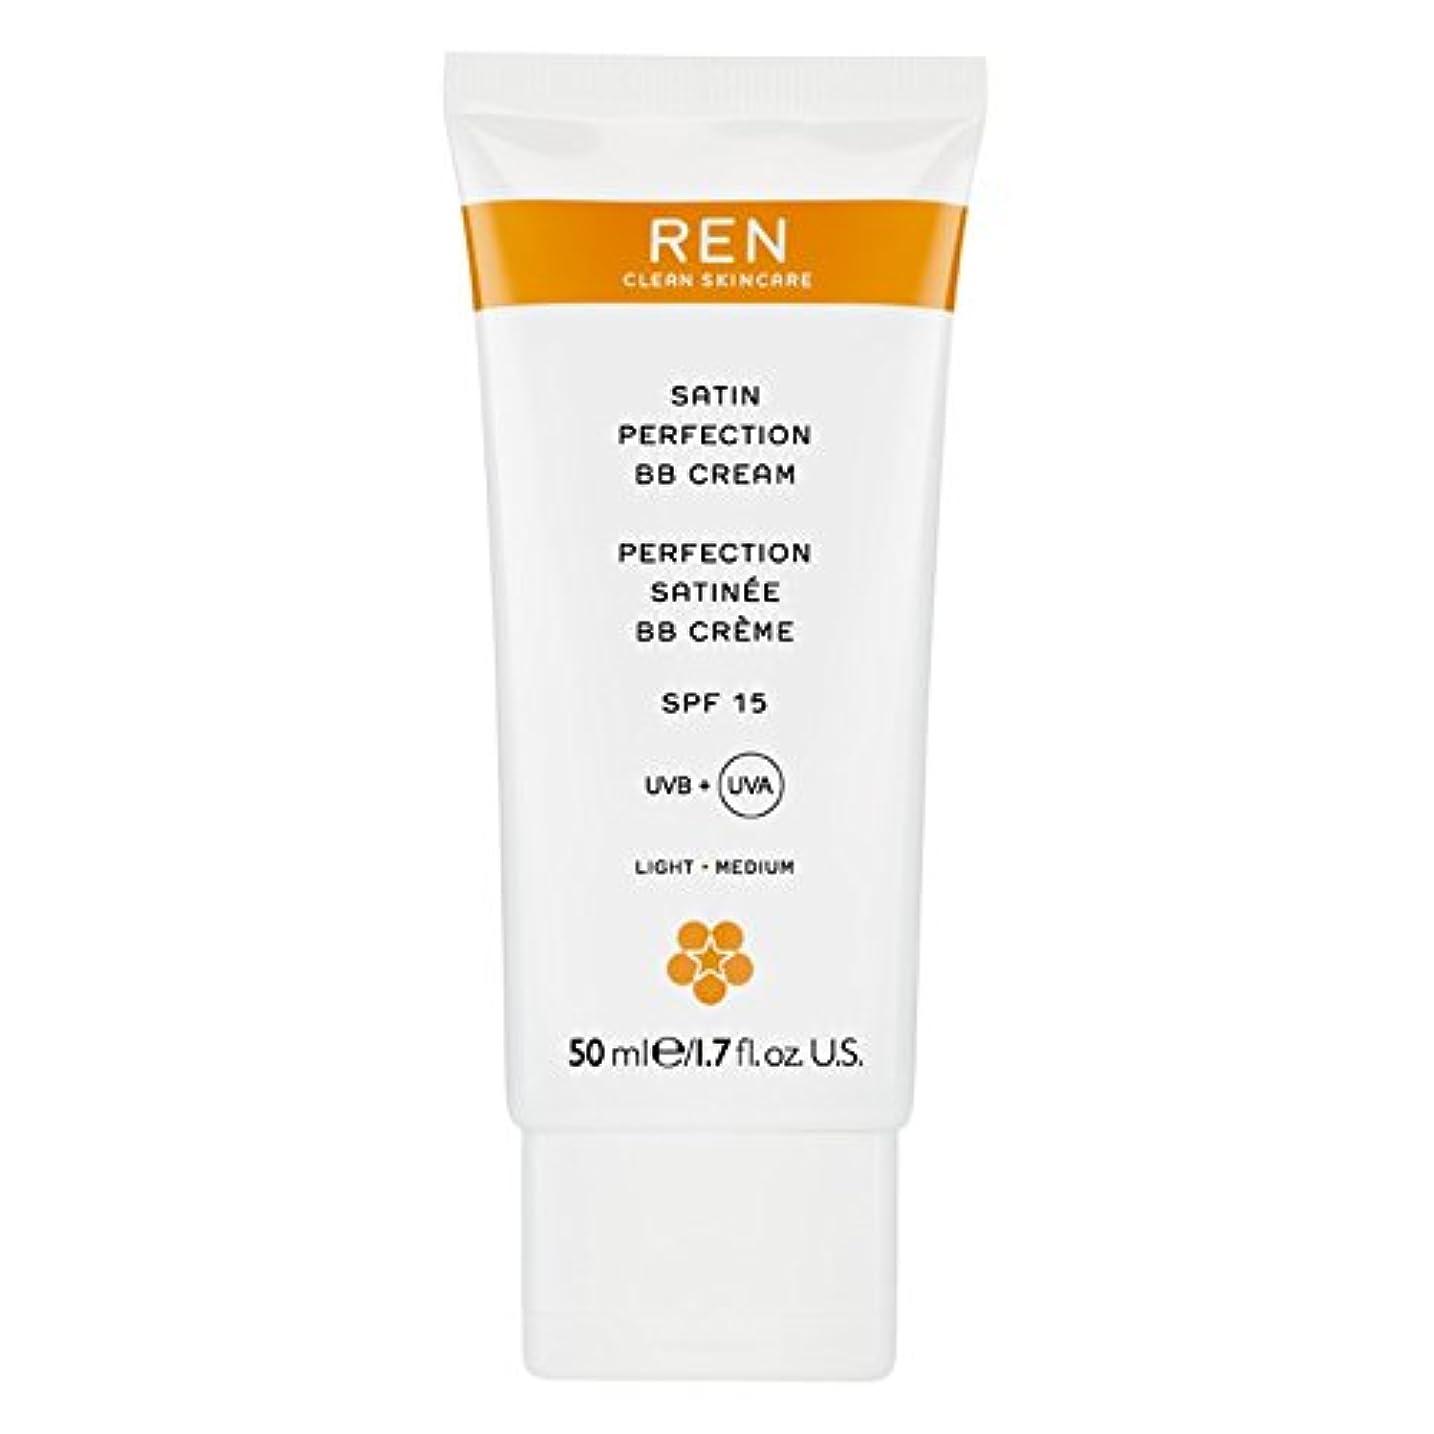 六分儀ピアース血統Renサテン完璧Bbクリーム50ミリリットル (REN) (x6) - REN Satin Perfection BB Cream 50ml (Pack of 6) [並行輸入品]